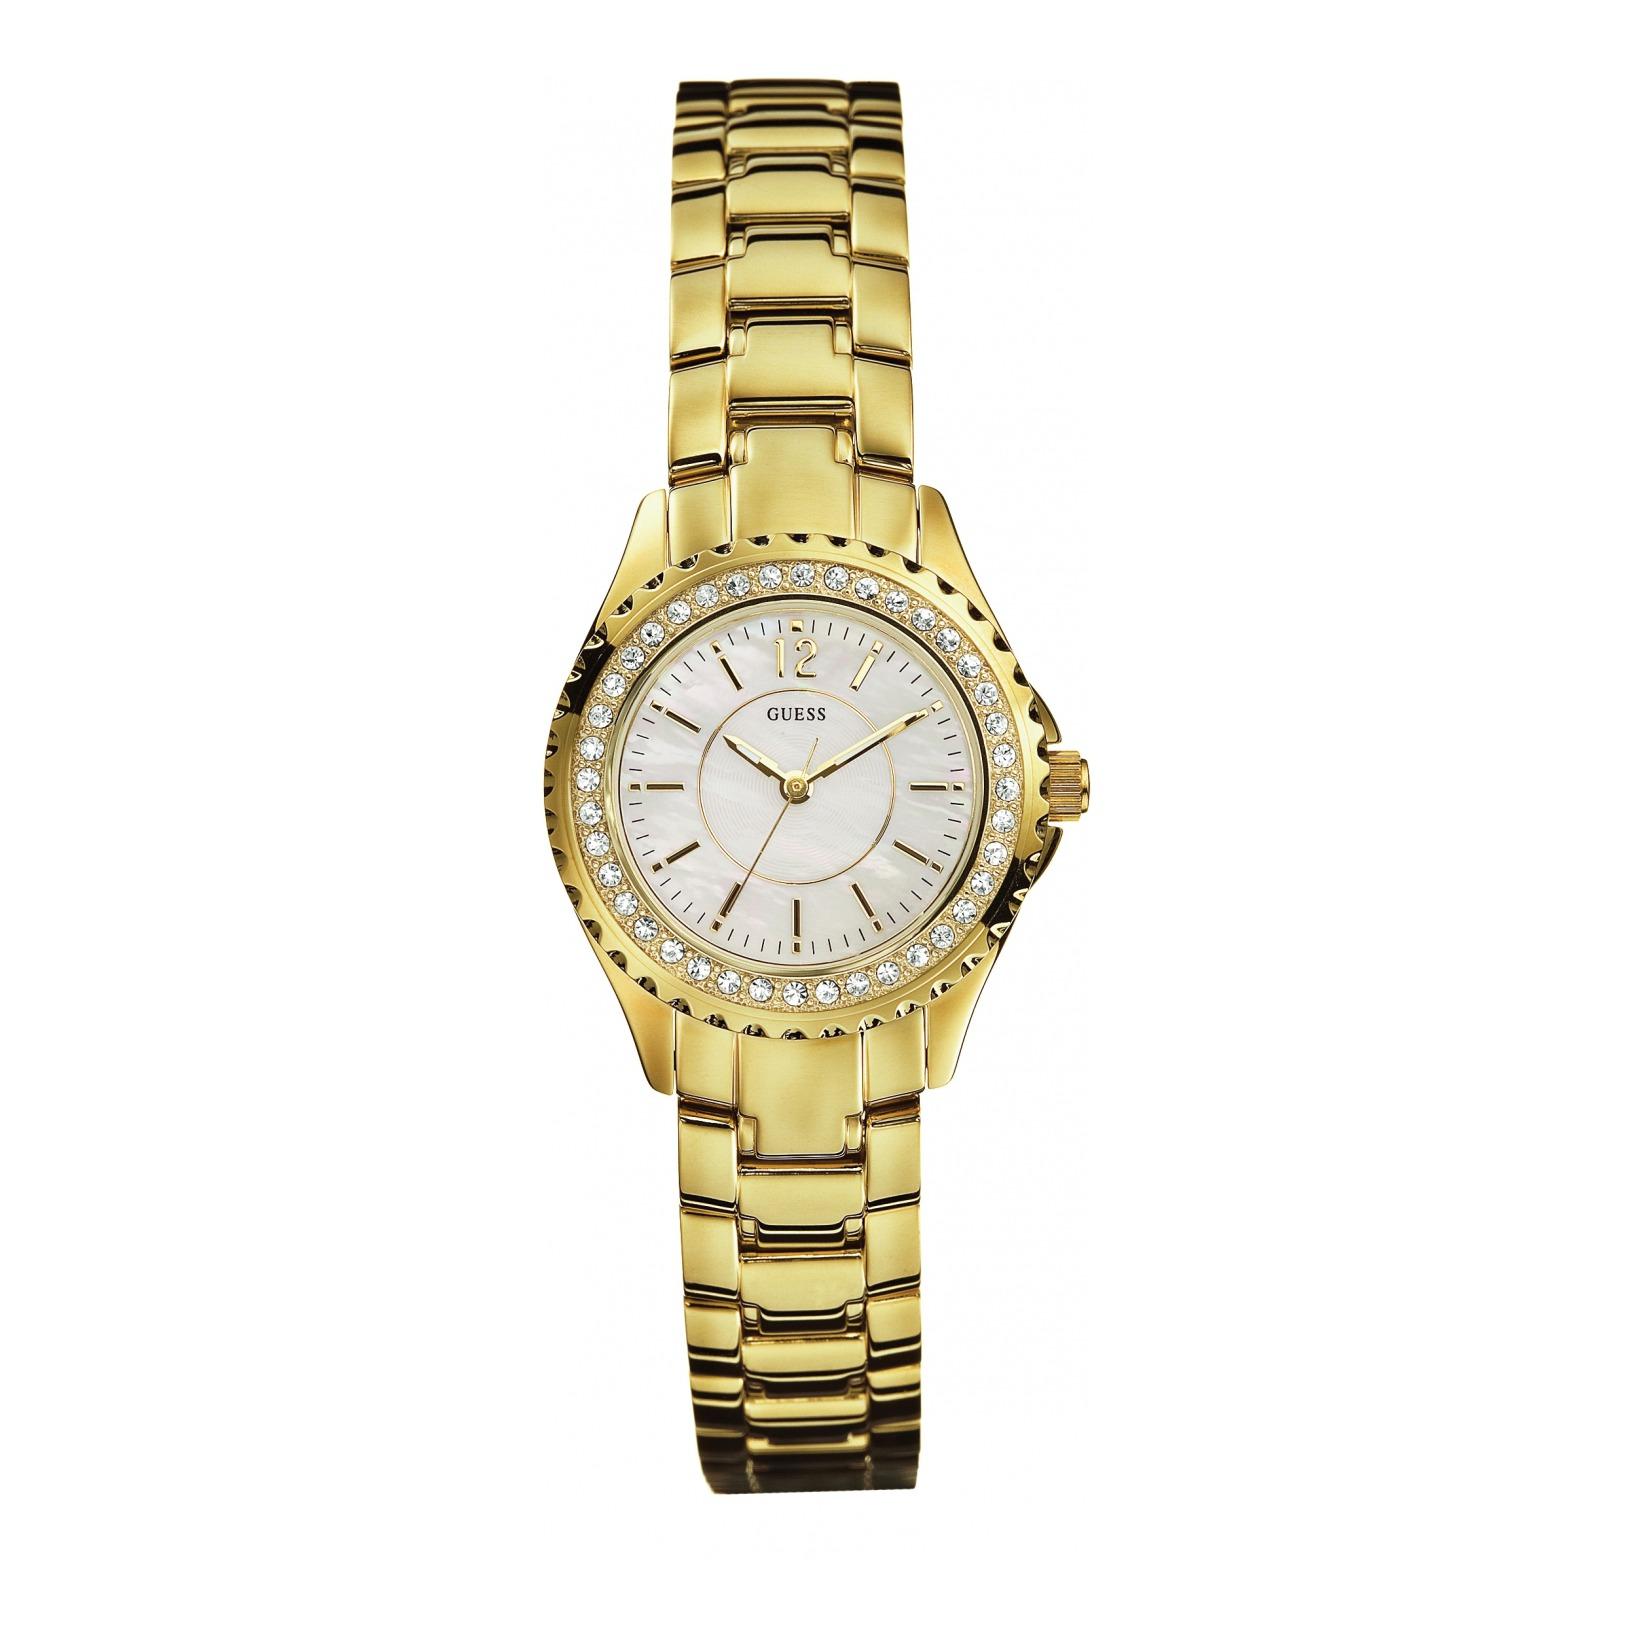 ساعت مچی عقربه ای زنانه گس مدل I11068L1